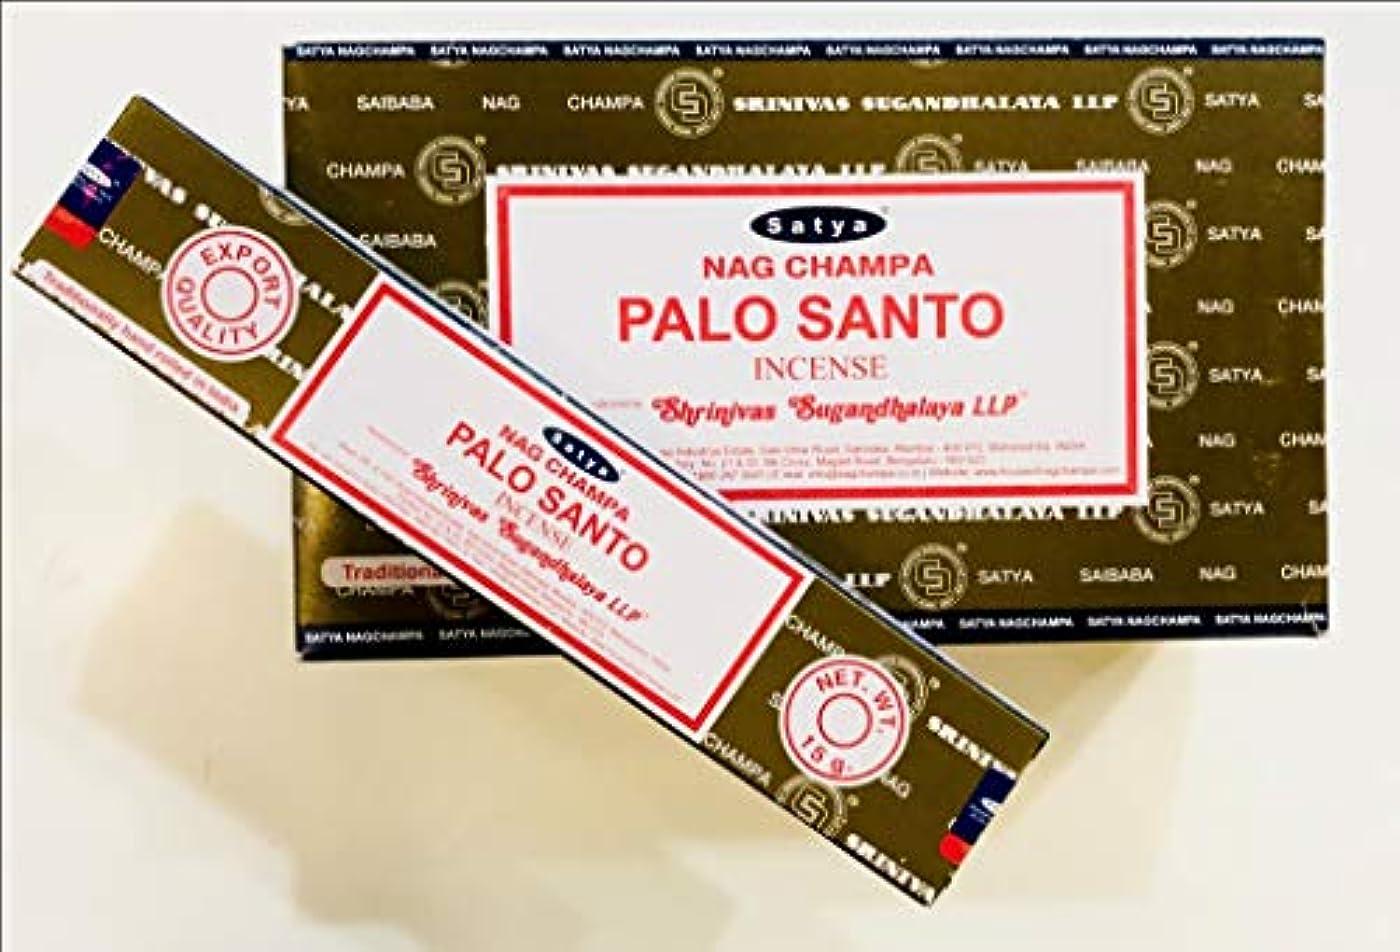 欠席生命体超音速Satya Nag Champa - Palo Santo お香スティック 12本パック x 15グラム 180グラムボックス 輸出品質